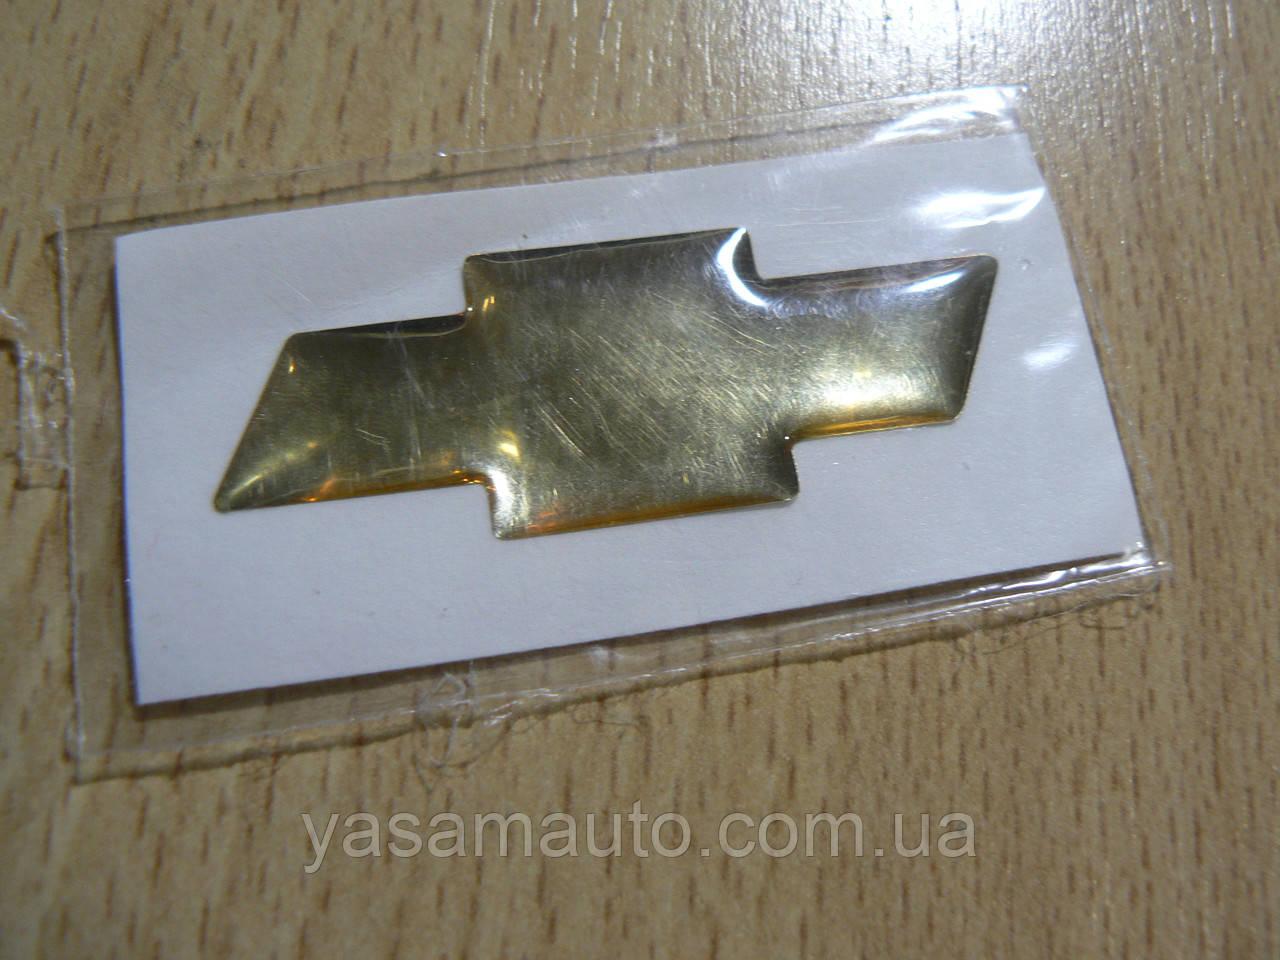 Наклейка s маленькая эмблема Chevrolet крестик 44х16.5х1мм силиконовая золотистая эмблема на авто Шевролет